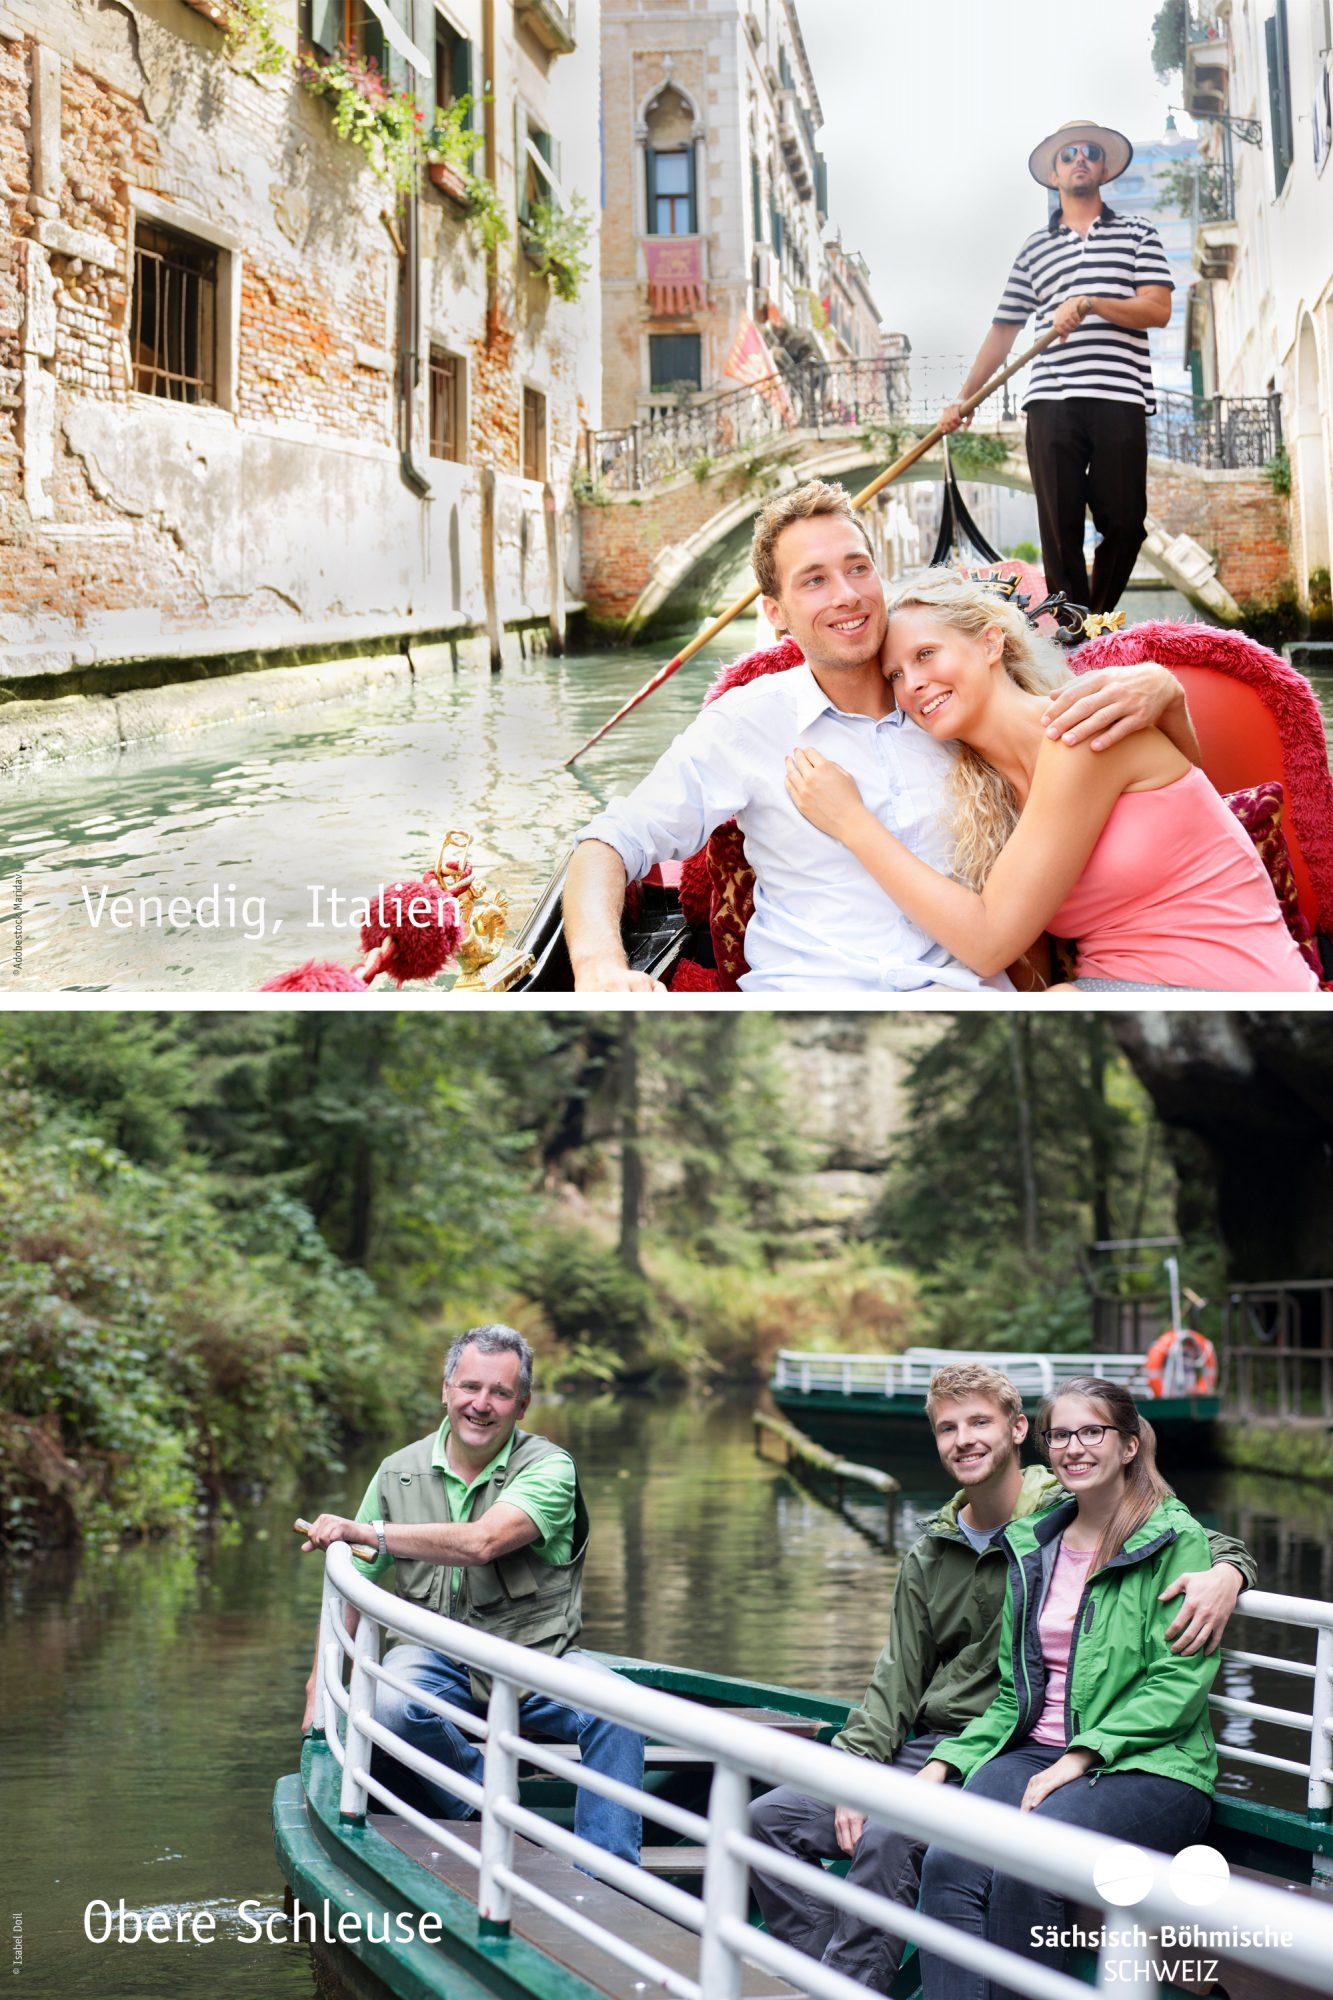 Vergleich Venedig und Obere Schleuse